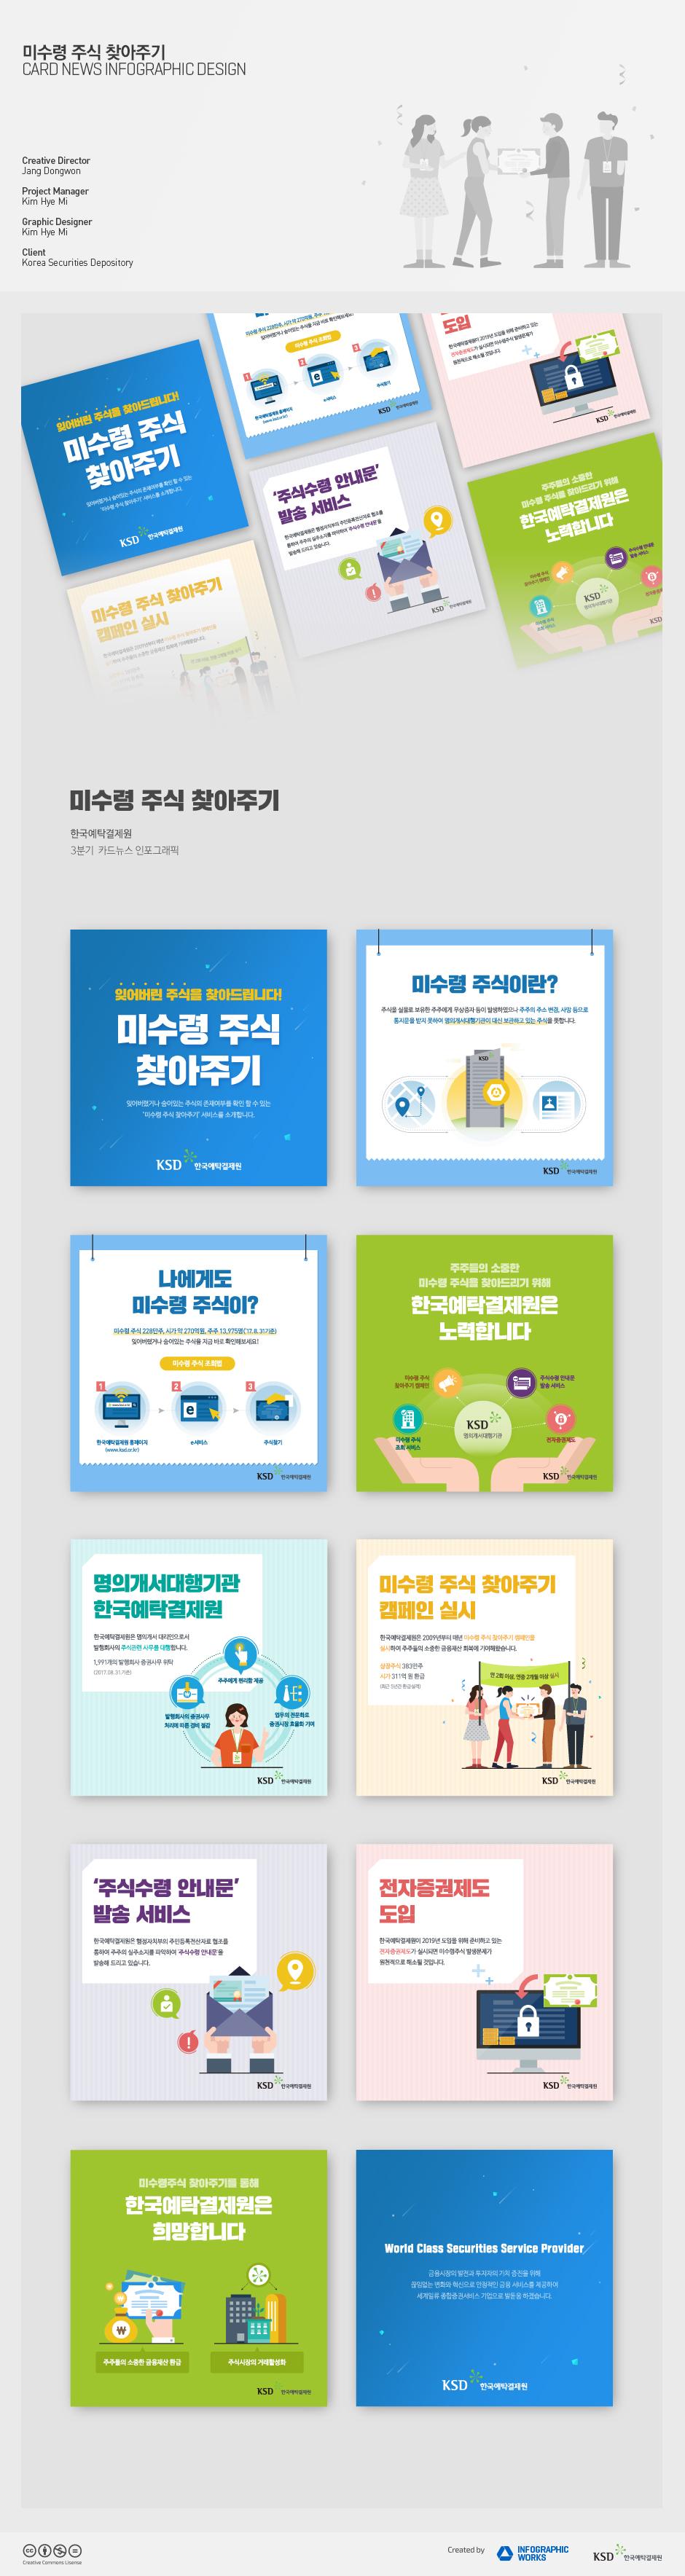 홈페이지-예탁결제원-카드뉴스-3분기